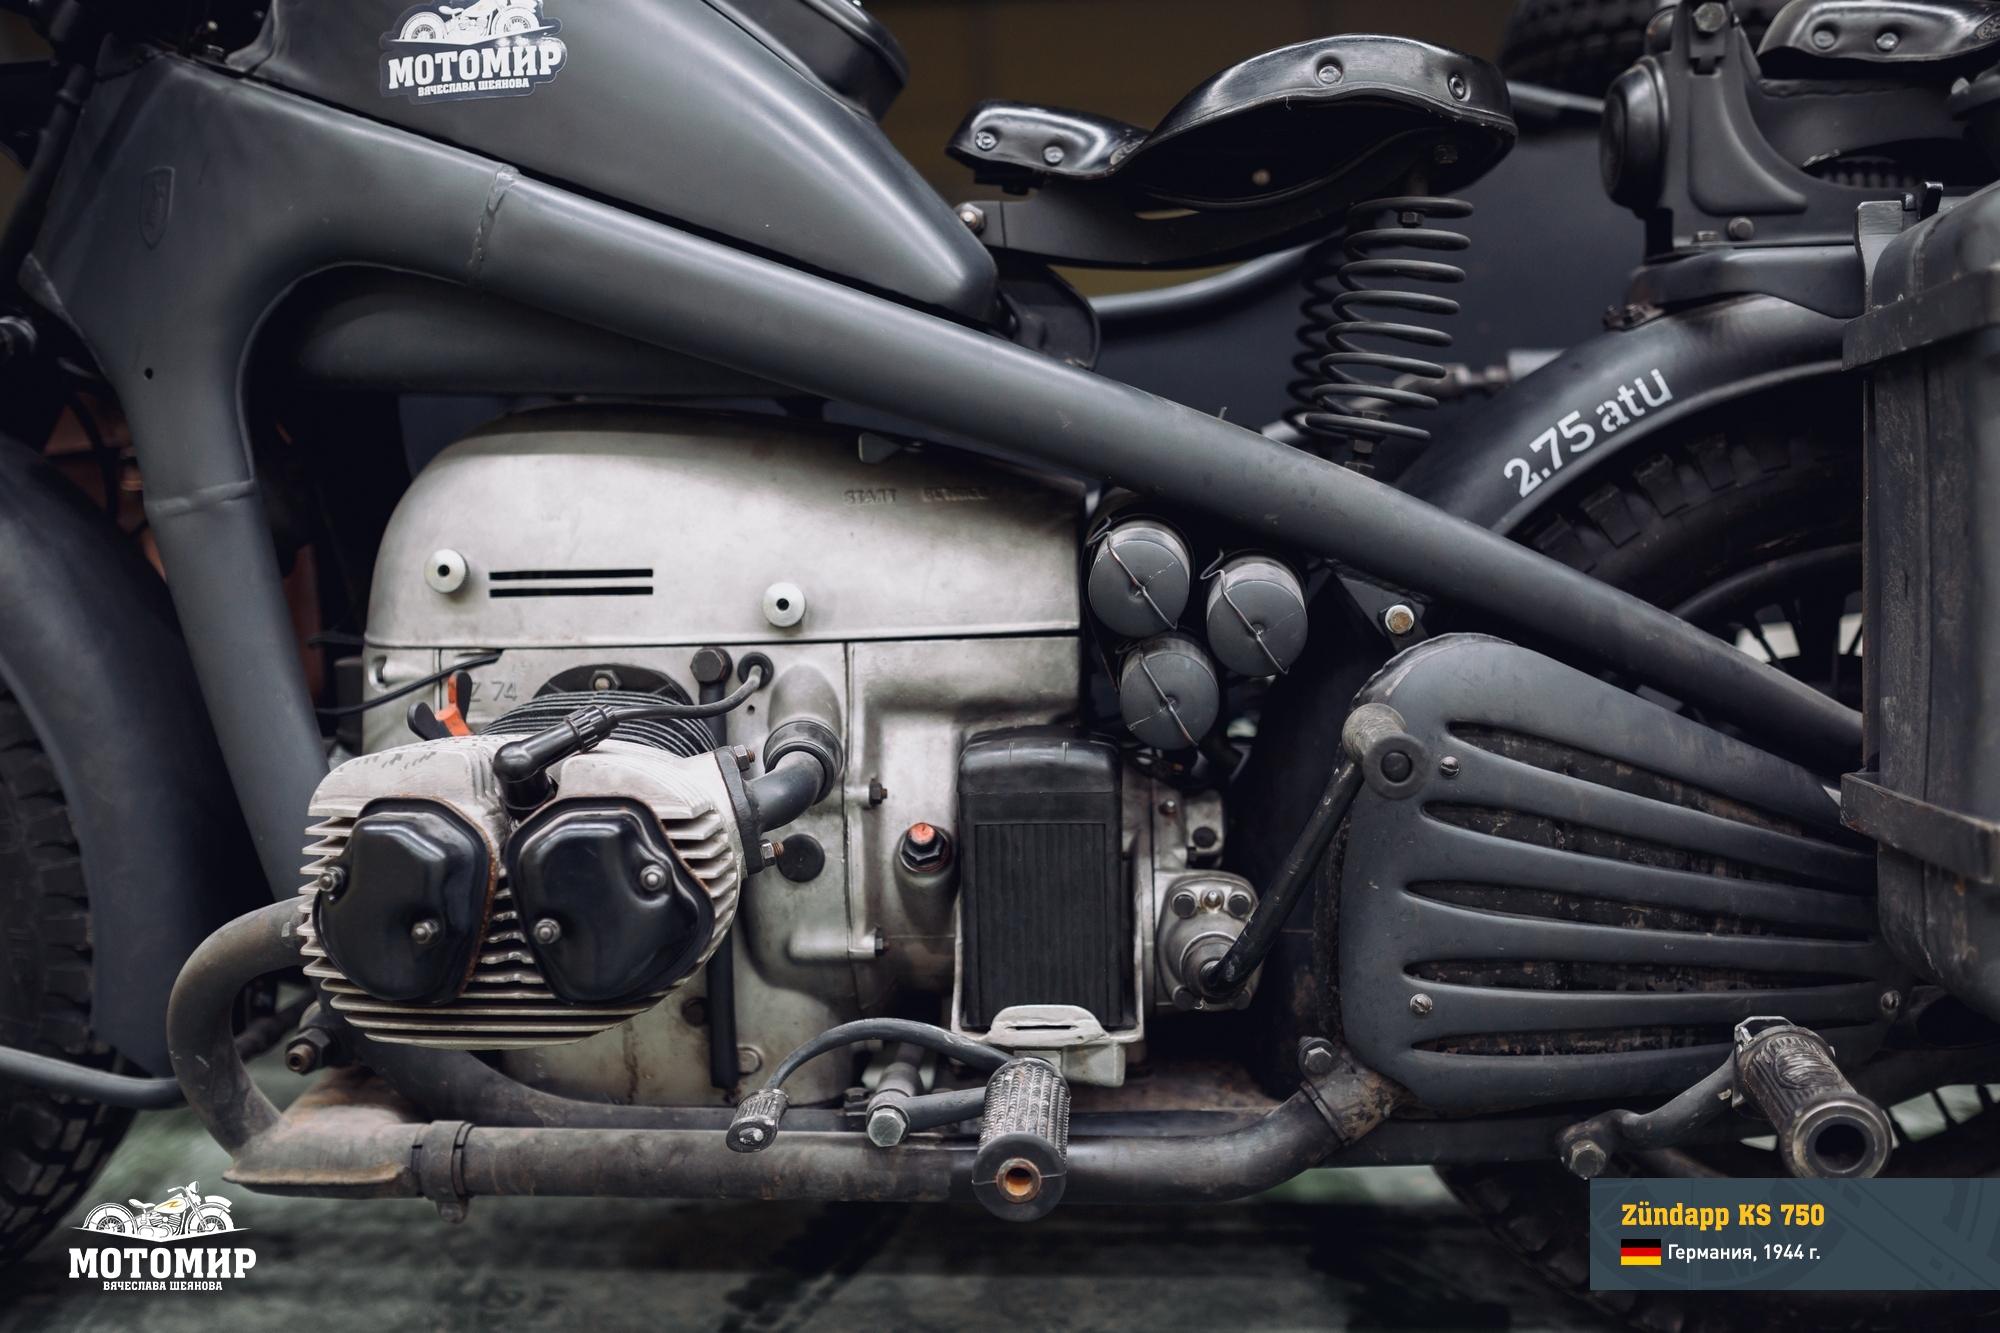 zundapp-ks750-201503-web-25